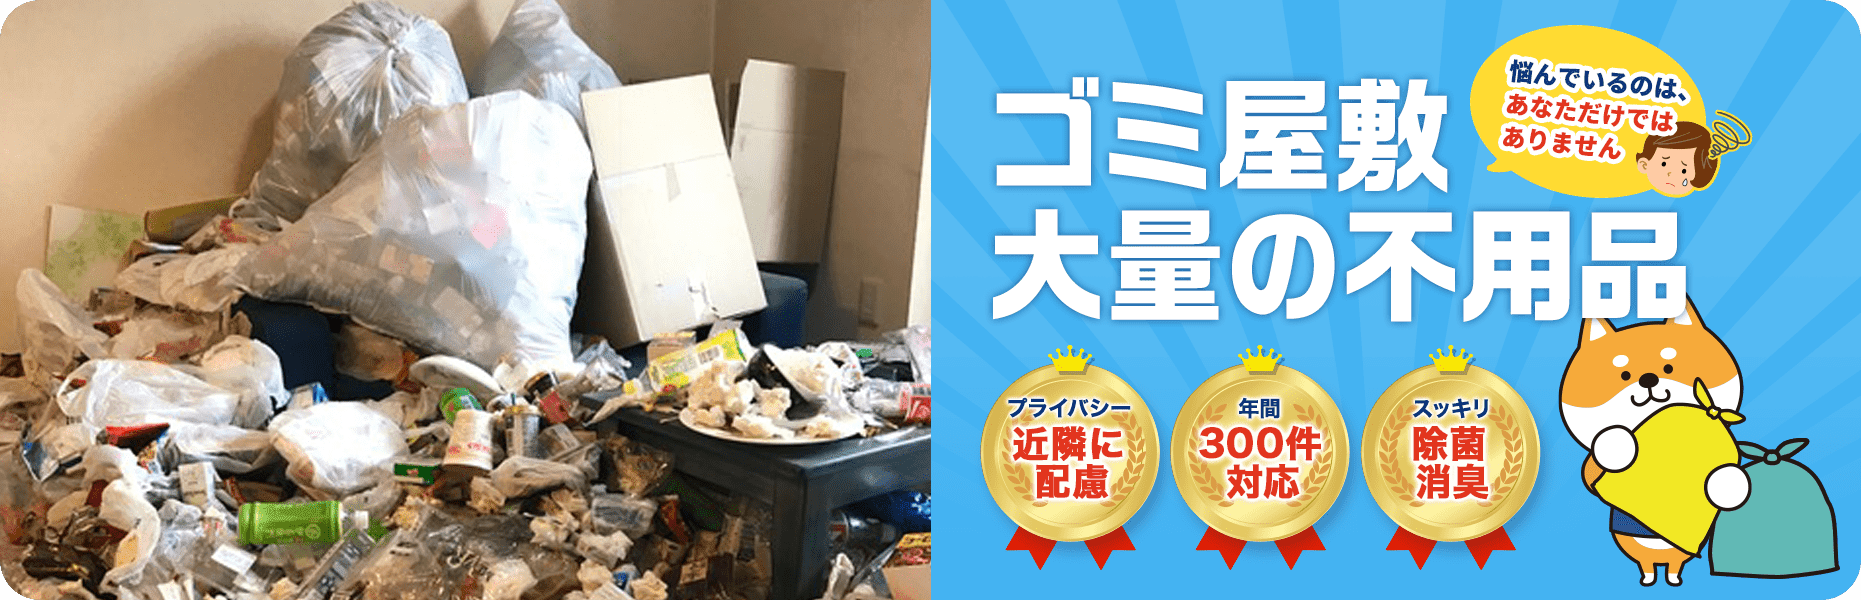 ゴミ屋敷・大量の不用品